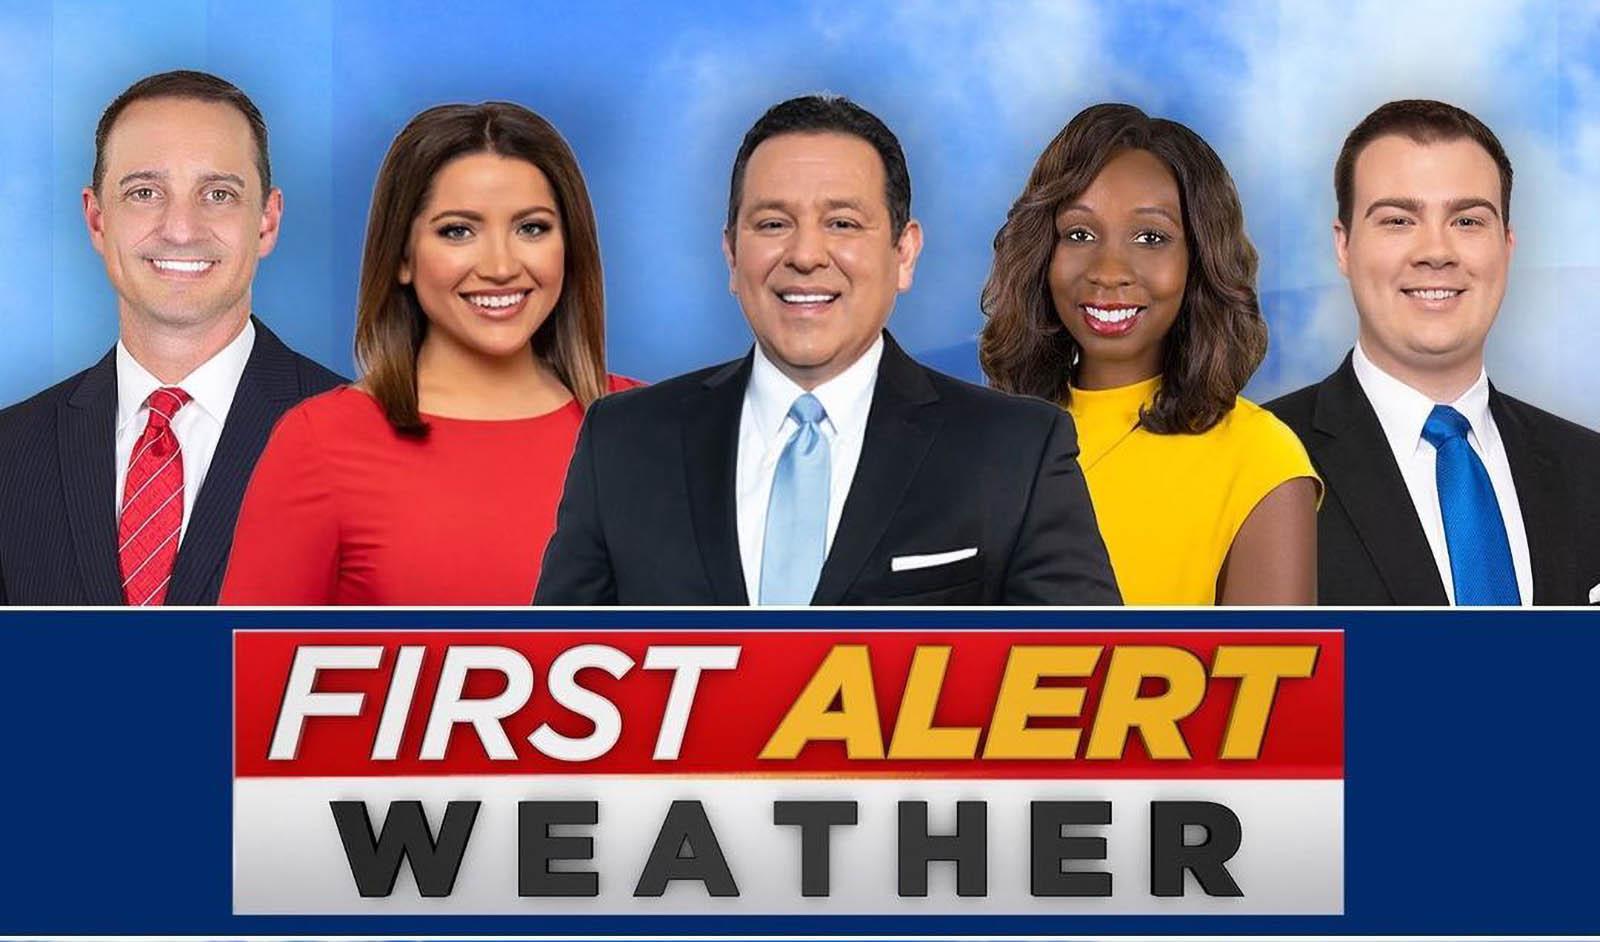 WMC Action News 5 First Alert Weather